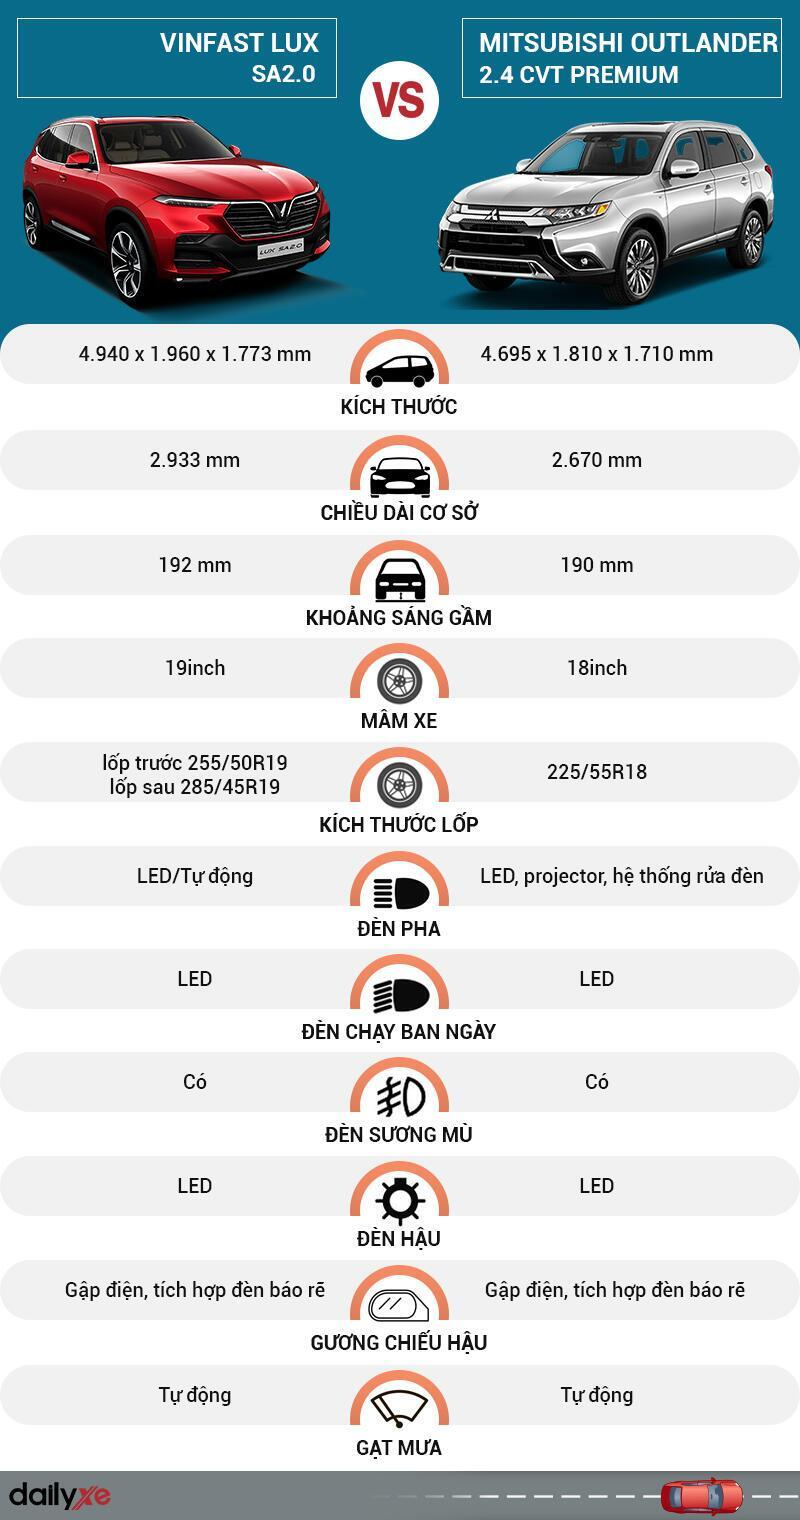 So sánh ngoại thất VinFast LUX SA2.0 và Mitsubishi Outlander